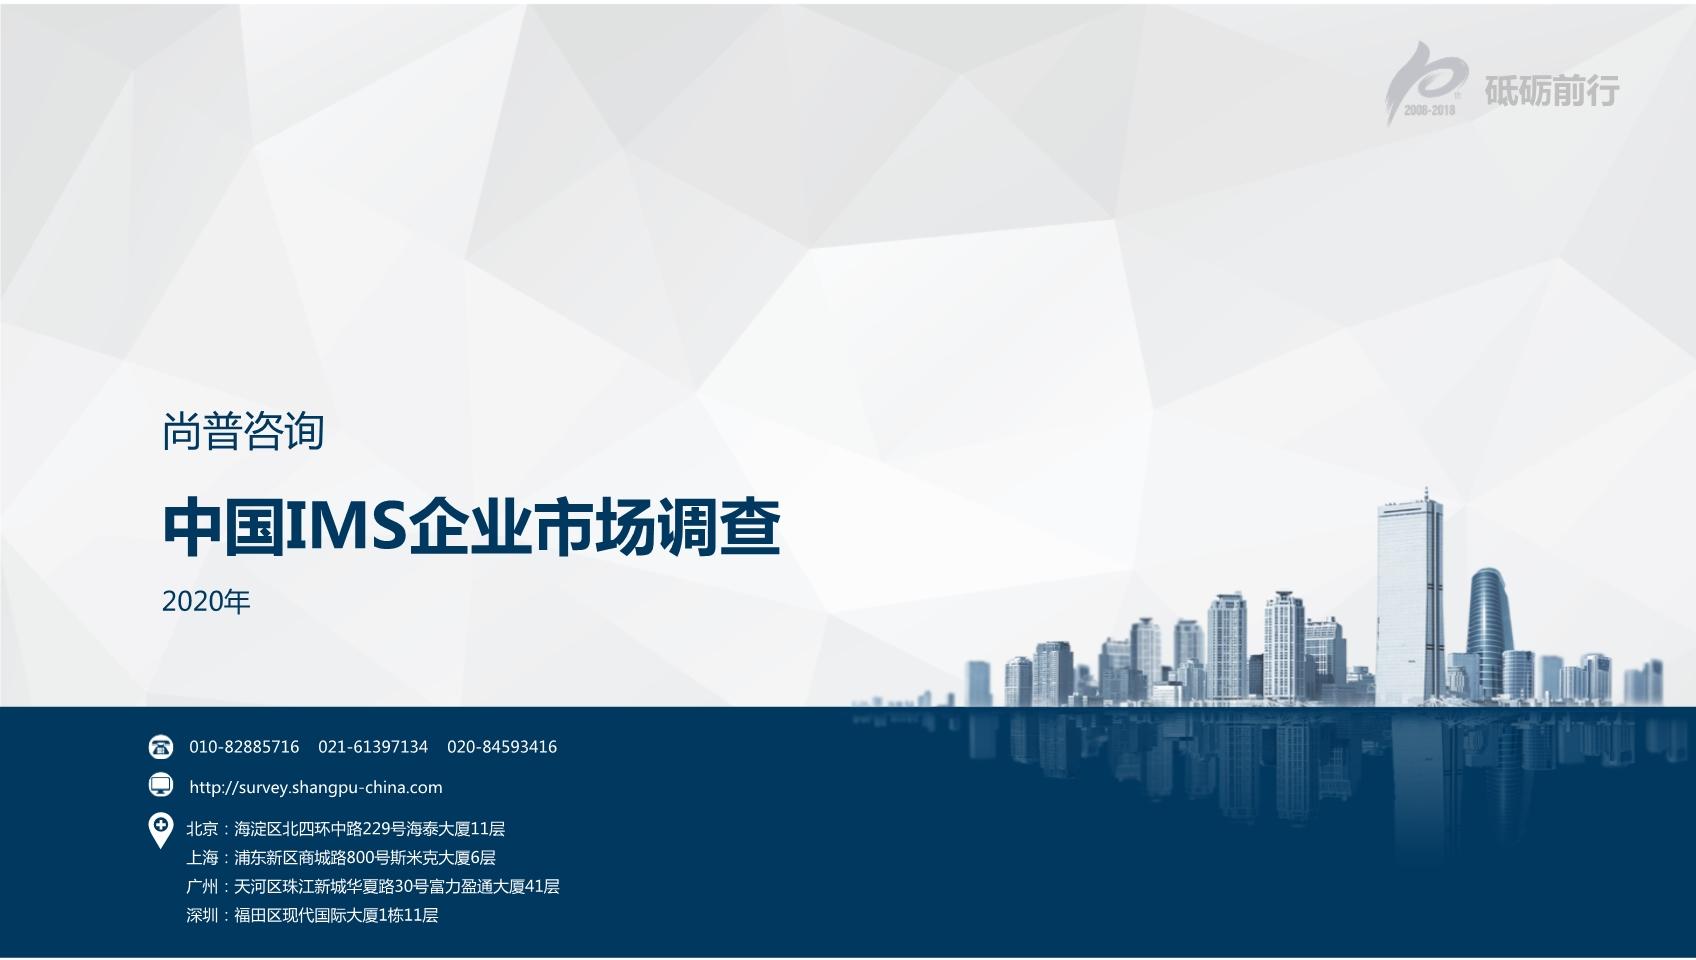 尚普咨询:2020年中国IMS企业市场调查